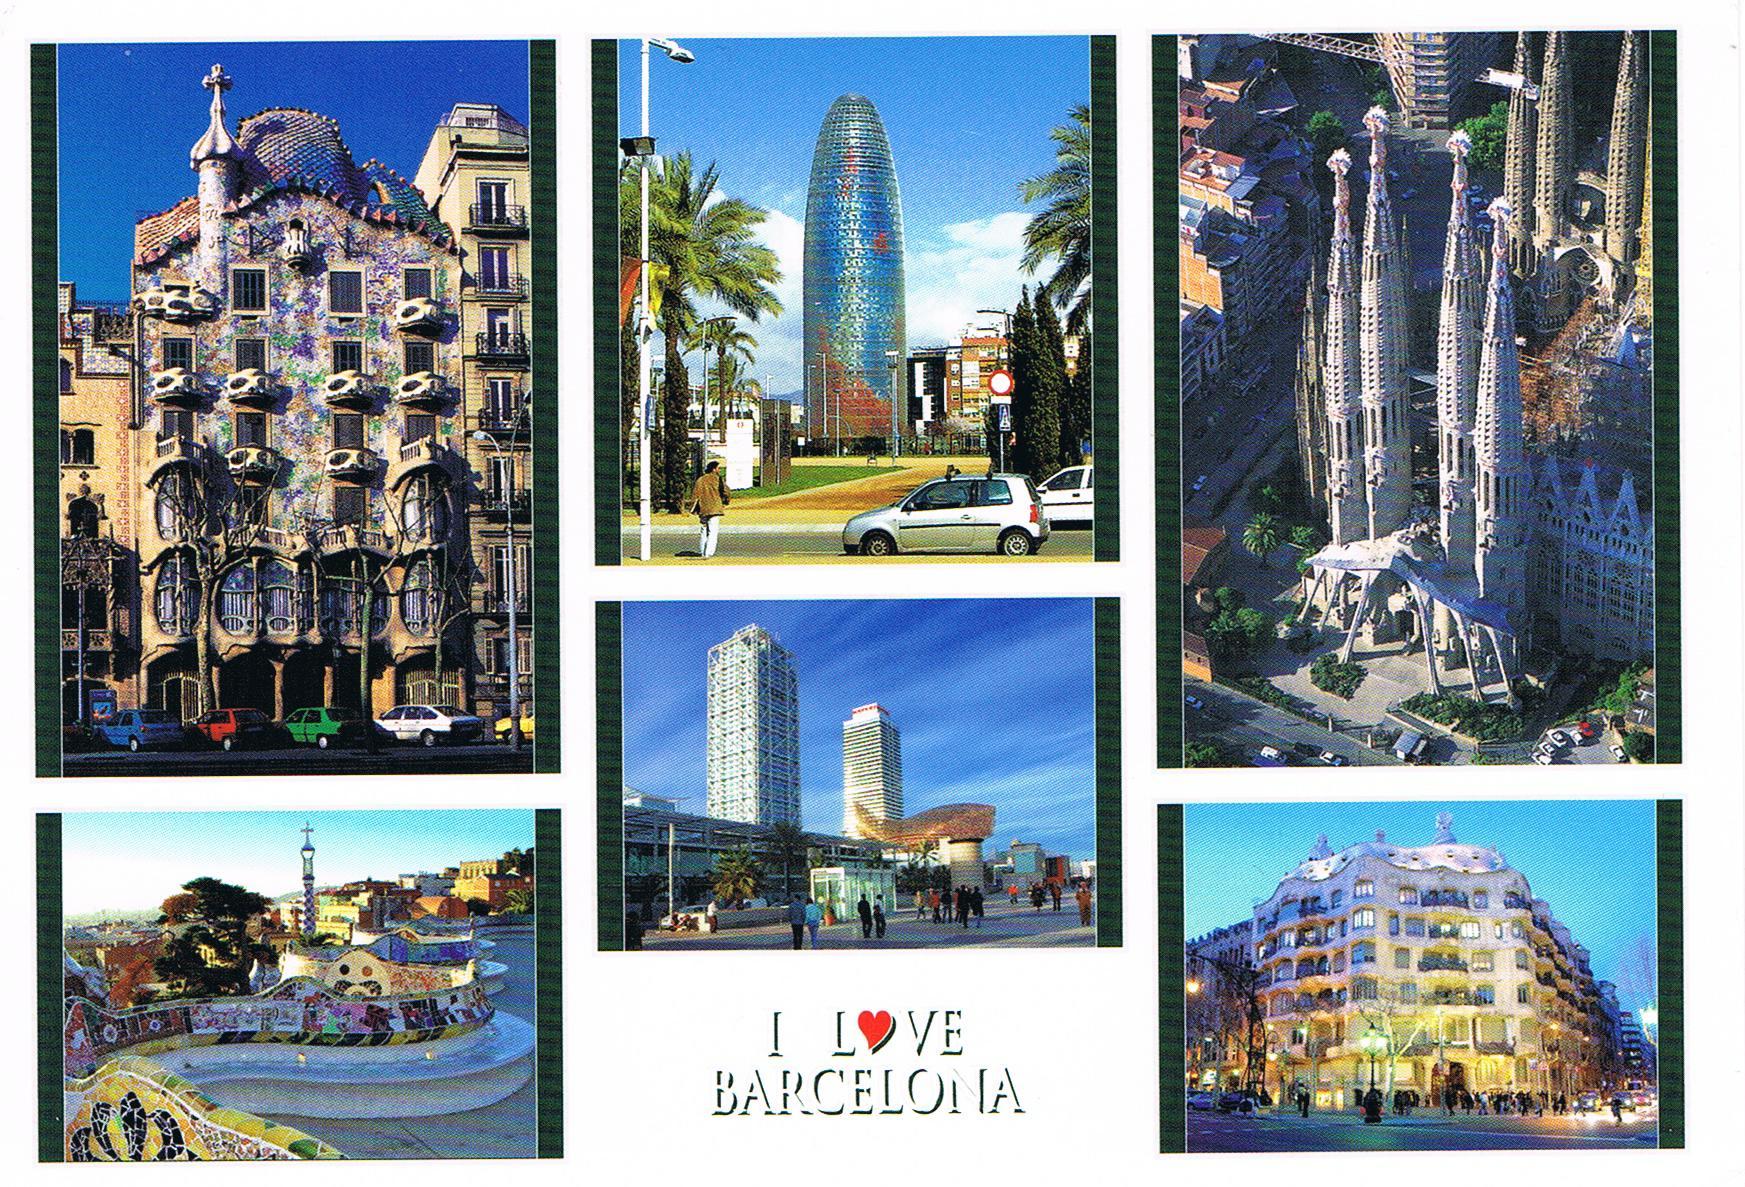 Meine erste Karte aus Spanien. Sie zeigt 6 verschiedene Motive aus Barcelona.